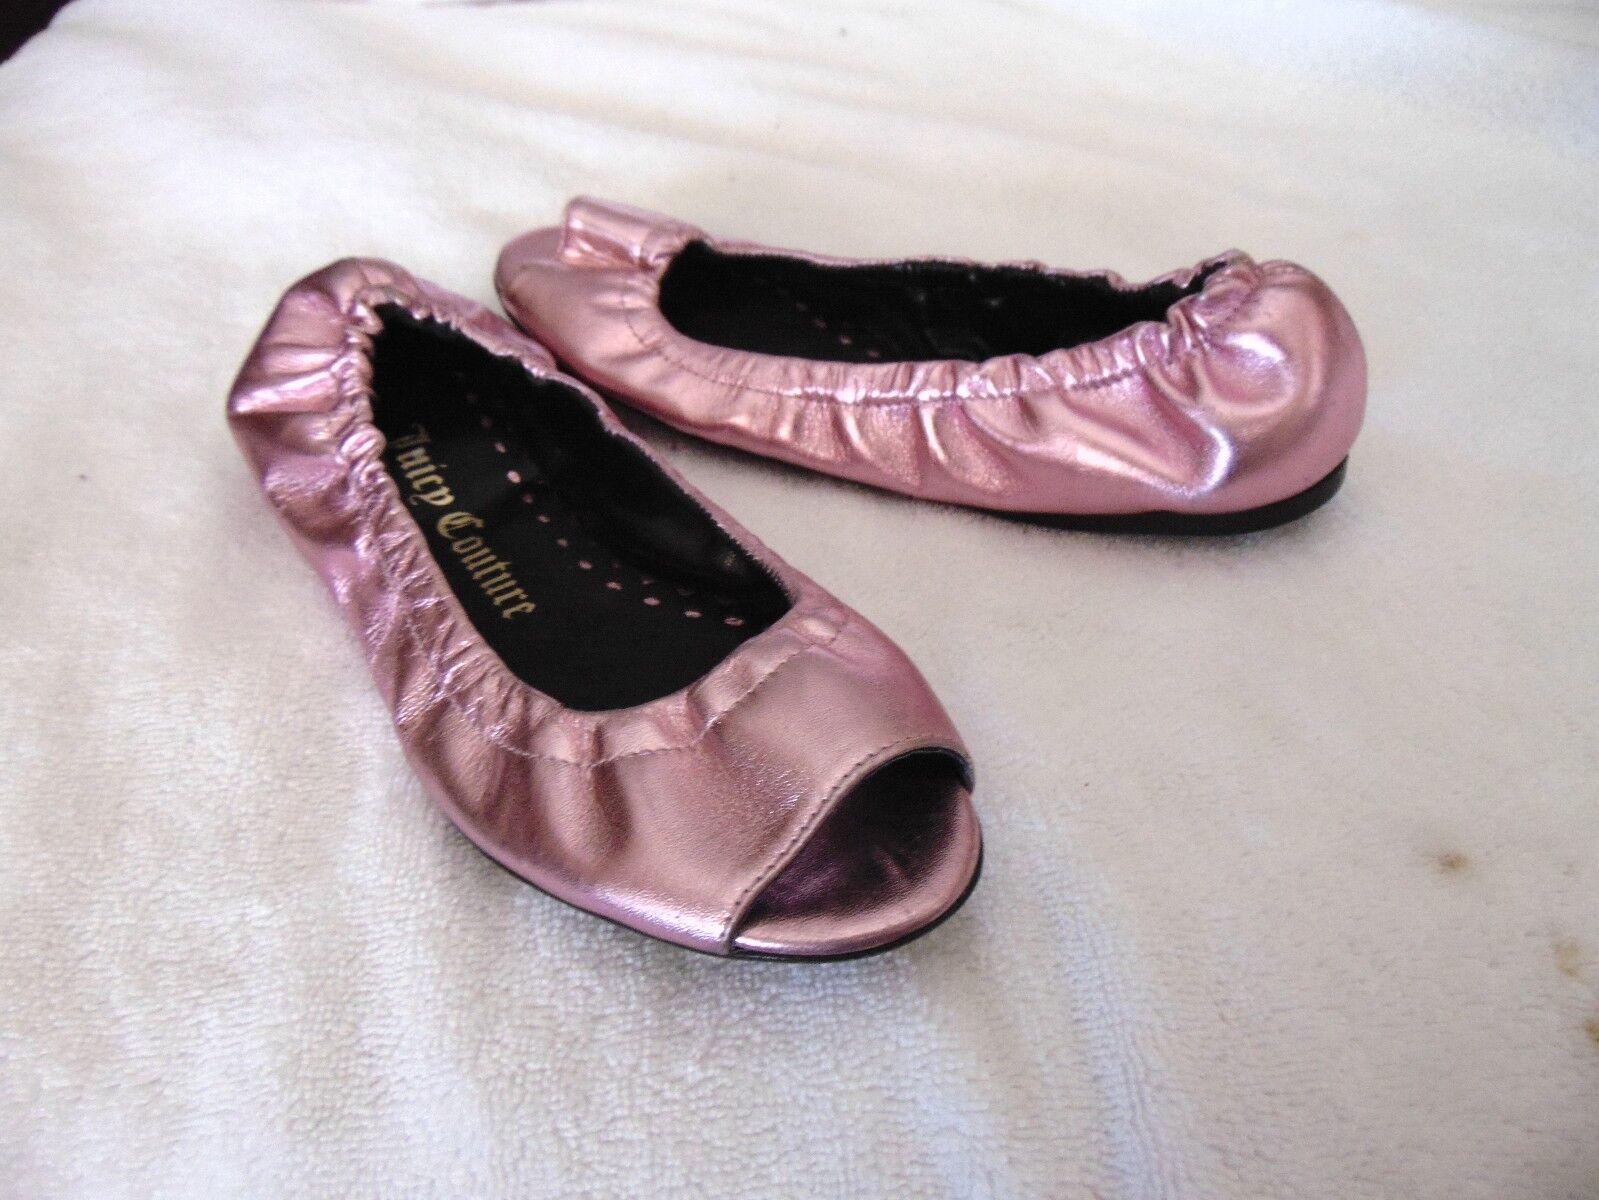 Totalmente nuevo para mujer mujer mujer zapato de ballet Juicy Couture Talla 6.5 M rosado Cuero Sólido plana  329  excelentes precios